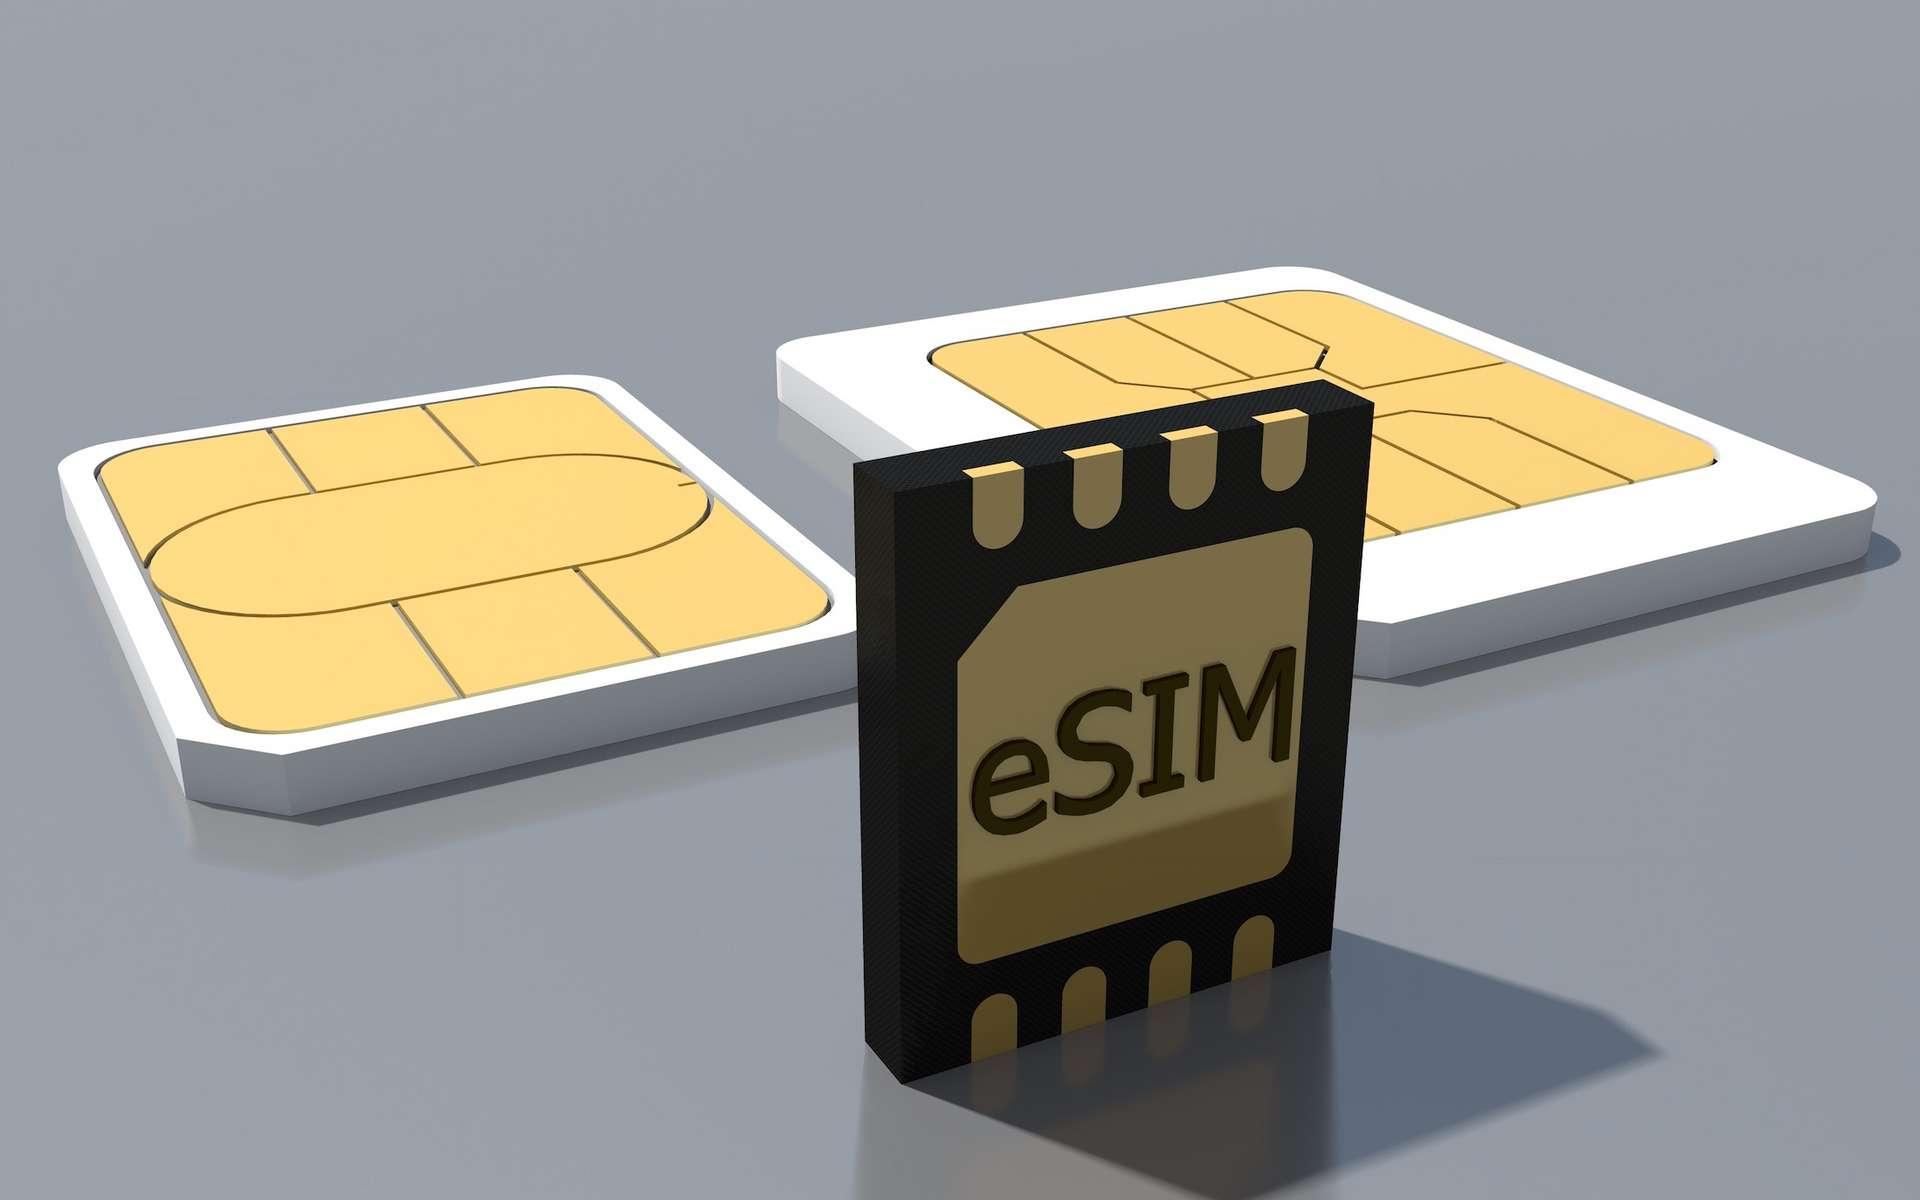 L'eSIM est intégrée à l'intérieur même du smartphone, ce qui évite de de demander une nouvelle carte SIM lorsqu'on change d'opérateur. © Henadz, Adobe Stock